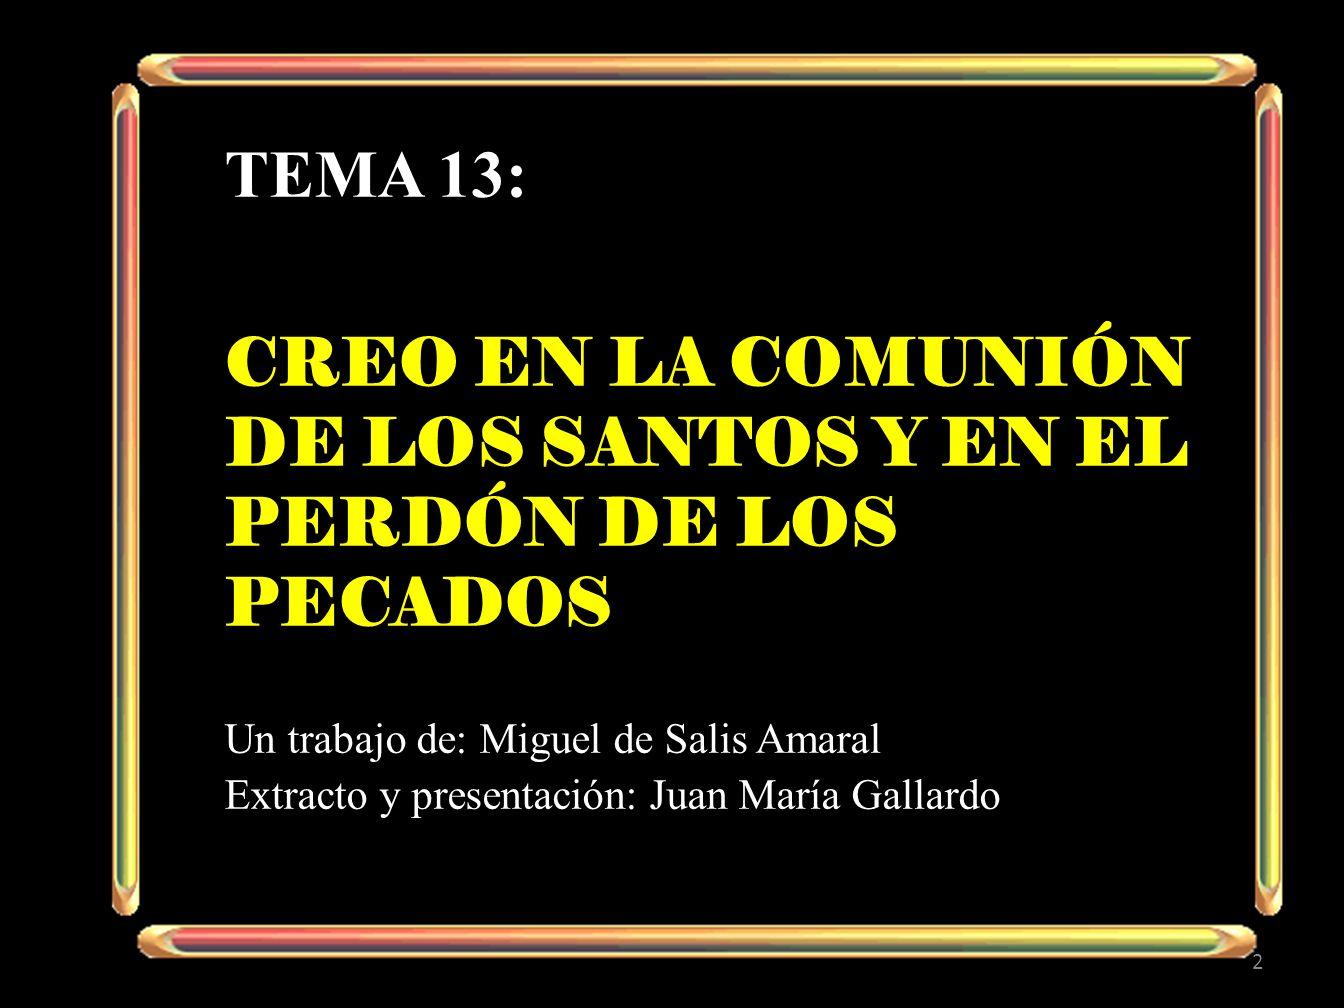 han sido hechos partícipes, cada uno según su propia condición, -de la función sacerdotal, -profética y -real de Cristo, -y son llamados -a llevar a cabo -la misión confiada - por Dios a la Iglesia.